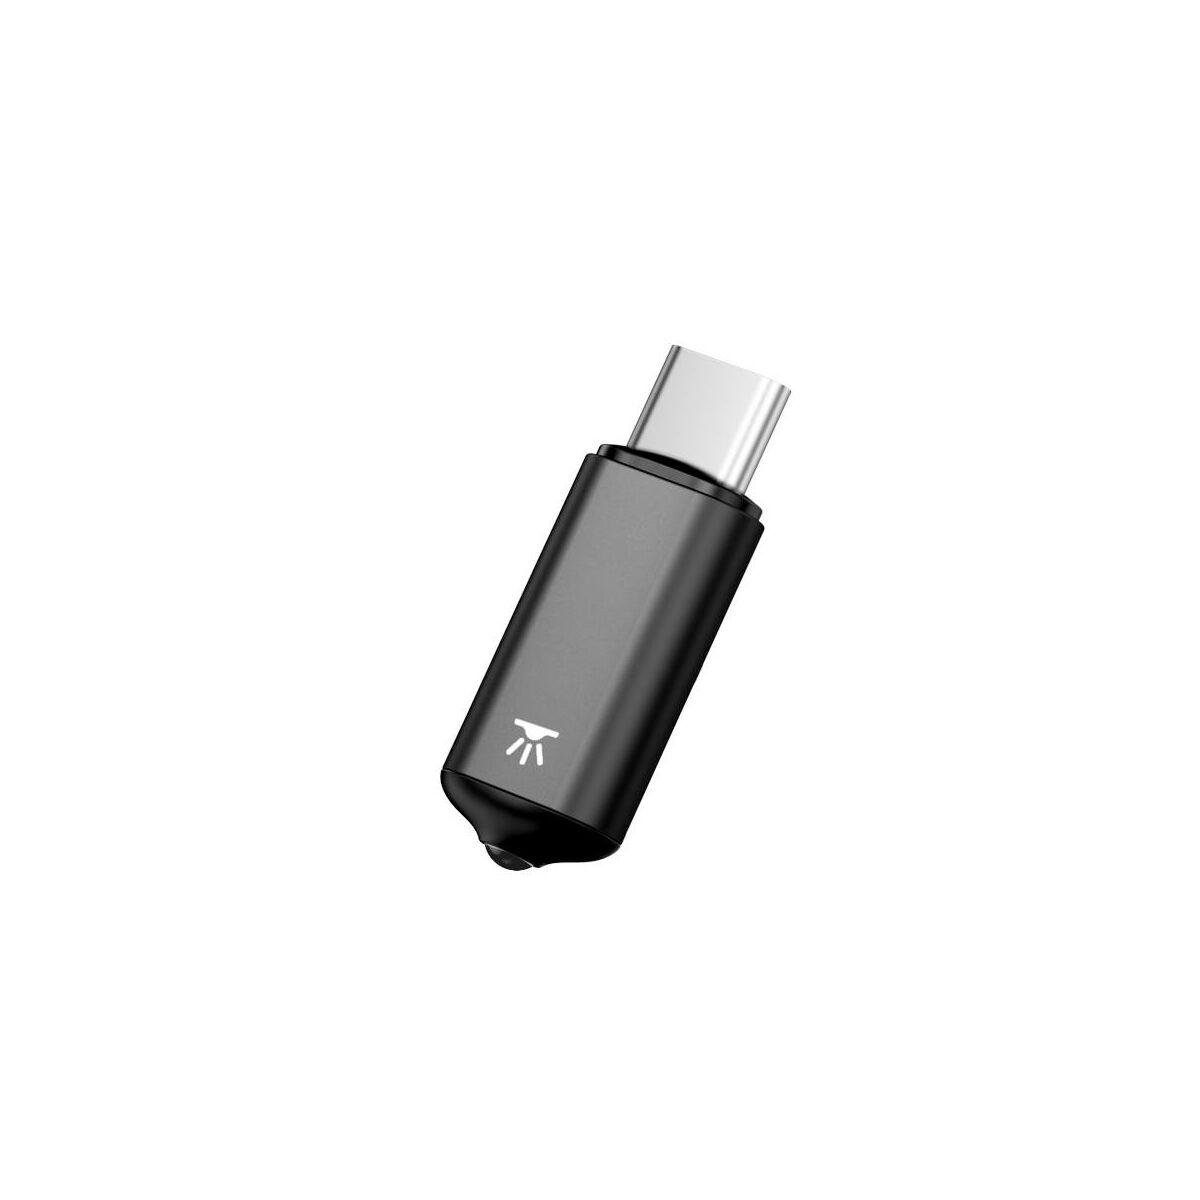 Baseus infravörös kiegészítő távirányítós funkcióhoz Type-C, fekete (ACTR02-01)